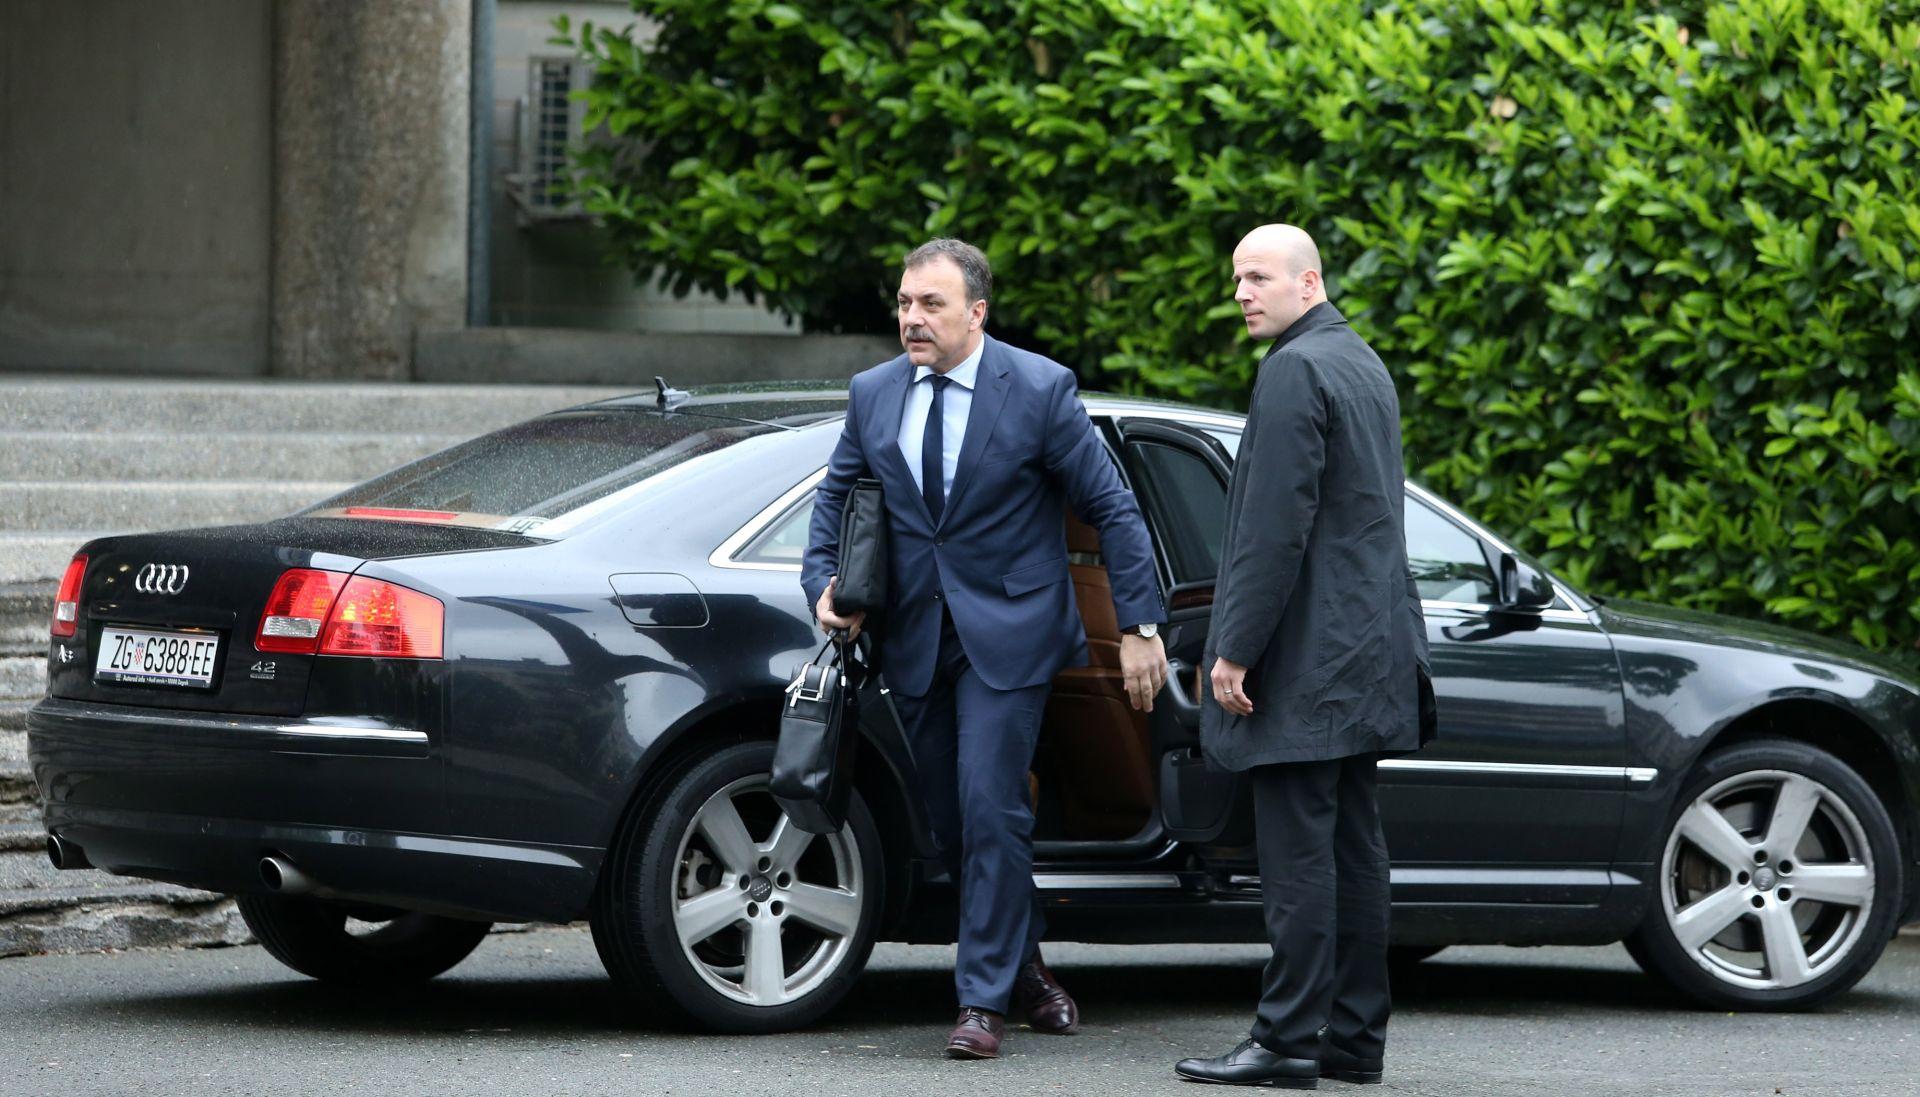 UŽIVO: OREPIĆ 'Mislim da je ovaj politički manevar zaštita Dalićke i njenih mentora koji su i Plenkovićevi mentori'